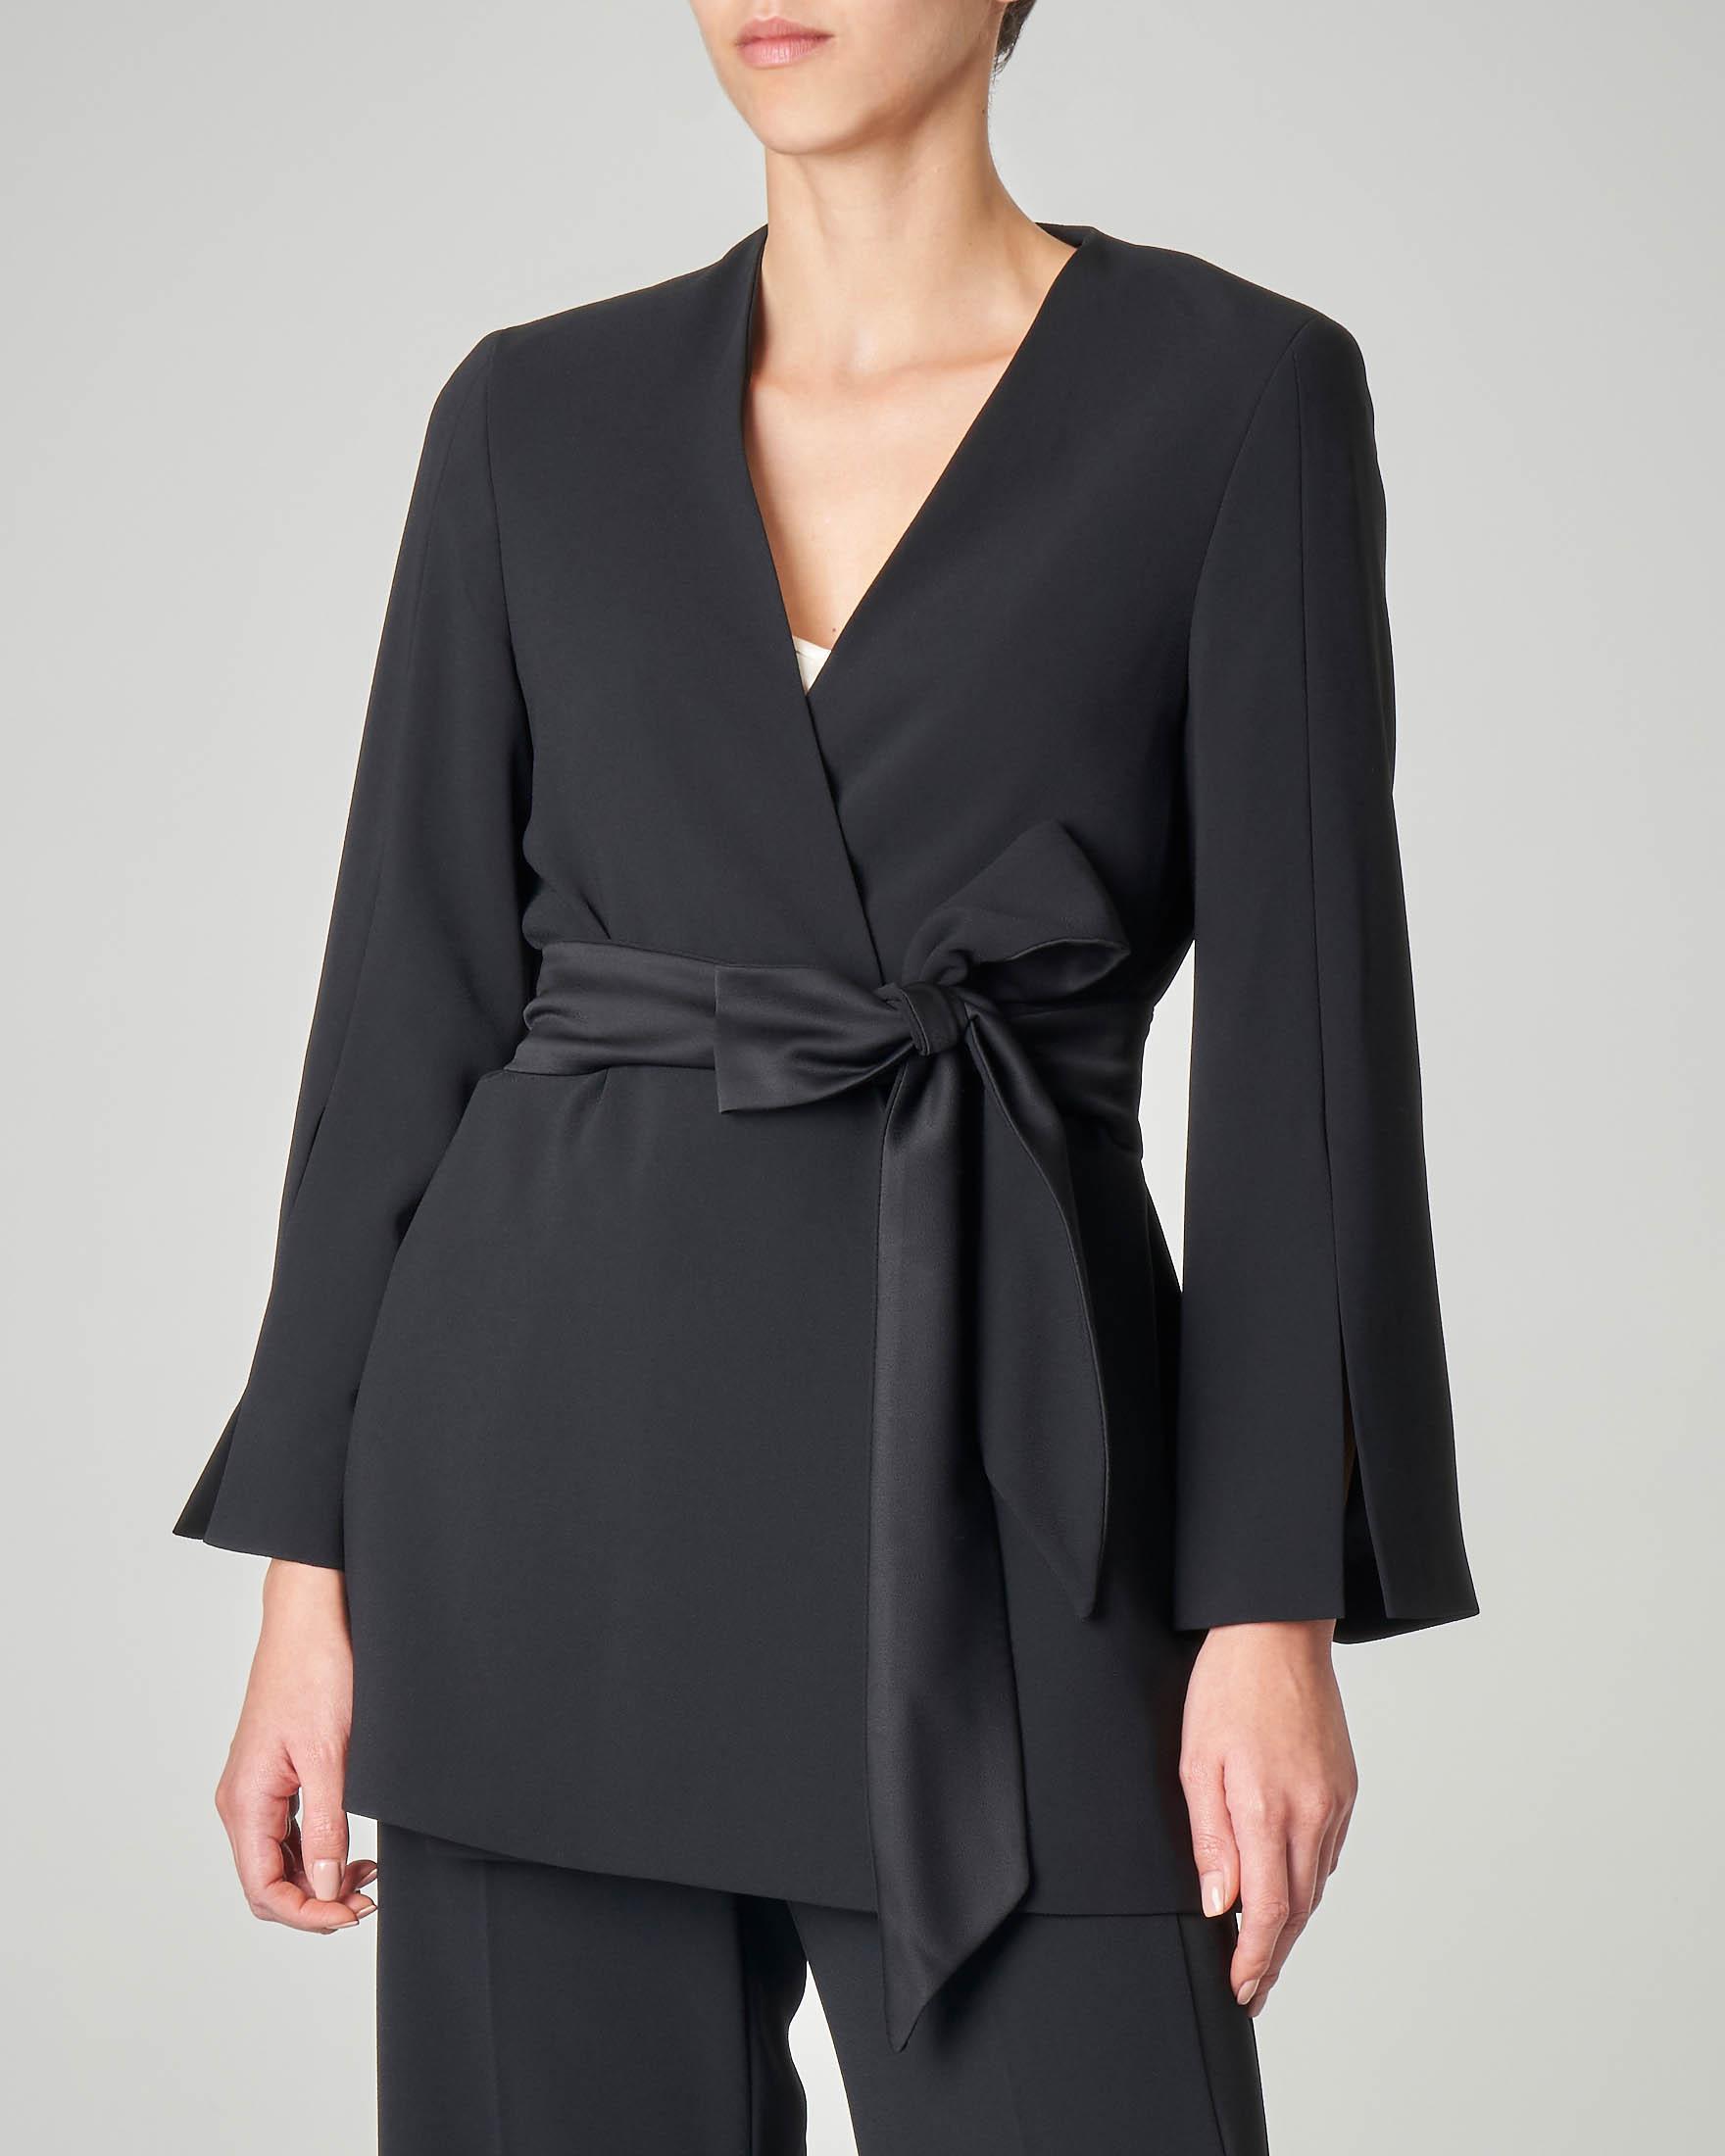 Giacca nera a kimono con cintura e spacchi laterali